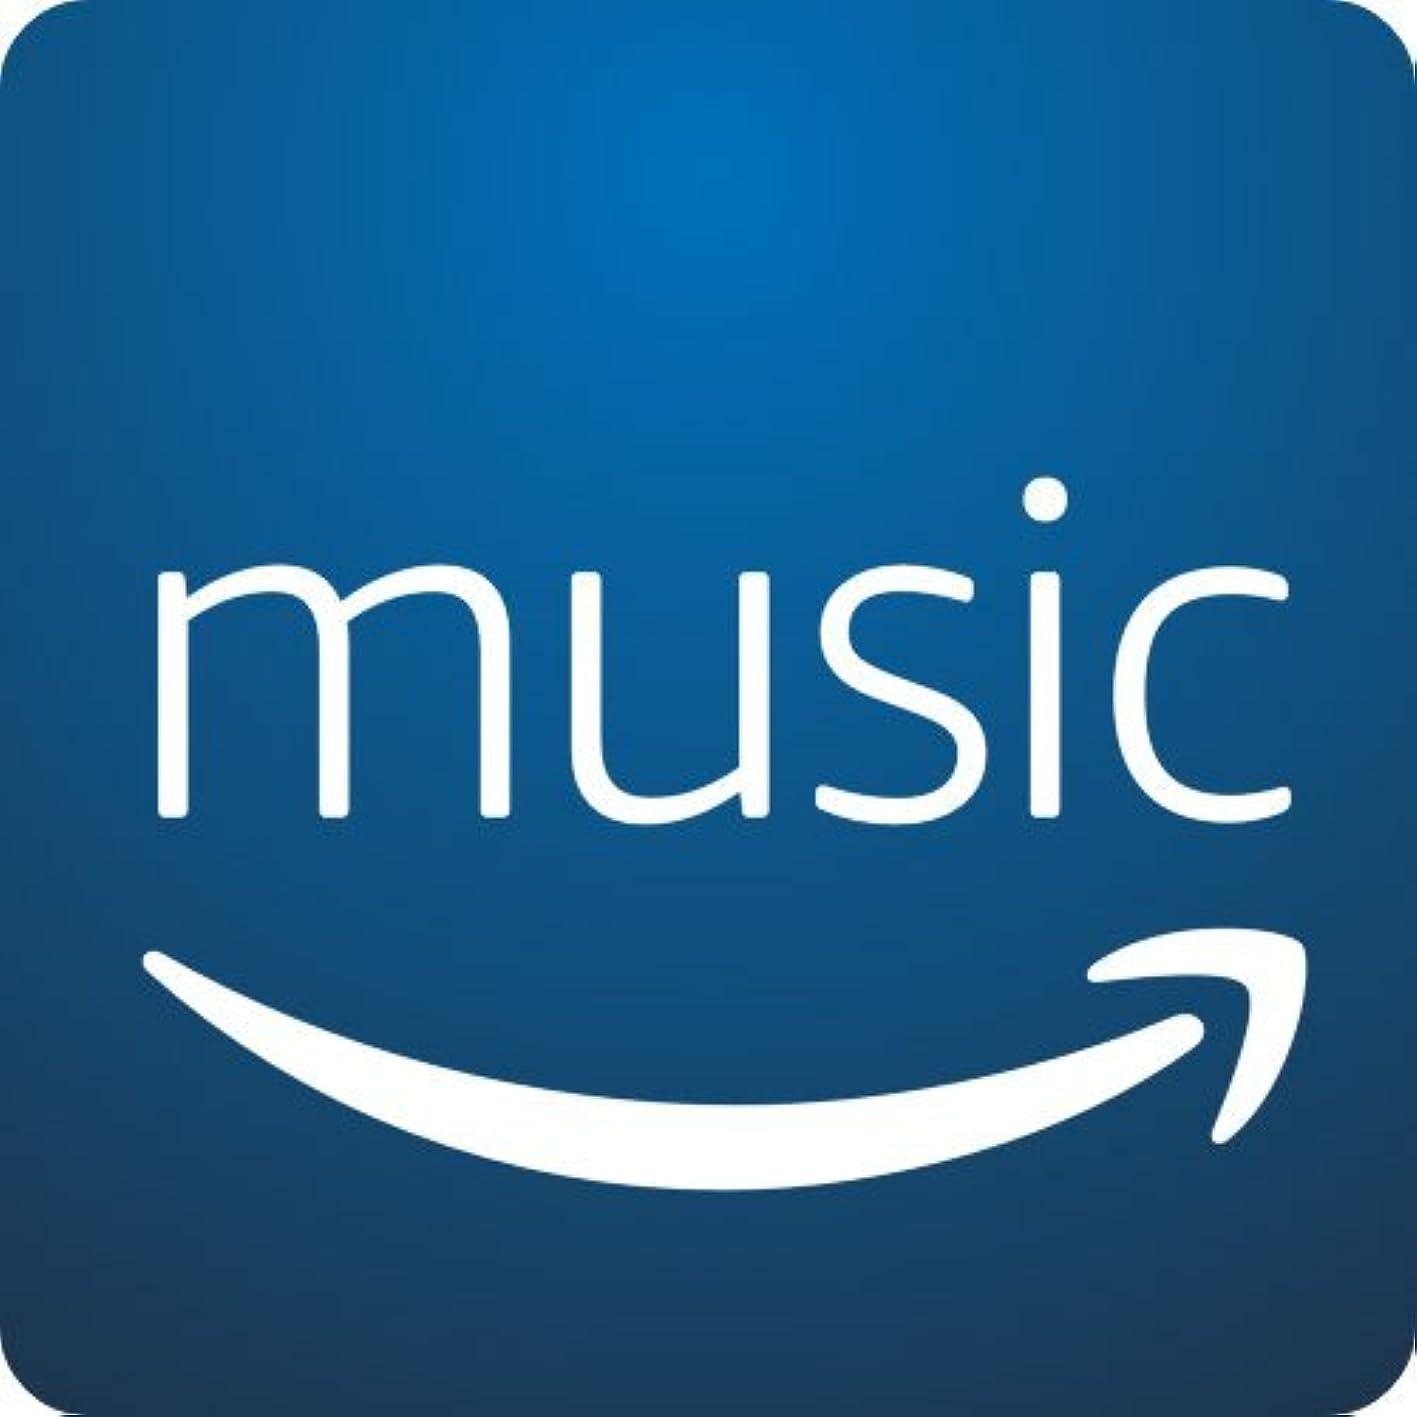 サンダース赤珍しいデスクトップ版Amazon Music(Windows) [ダウンロード]